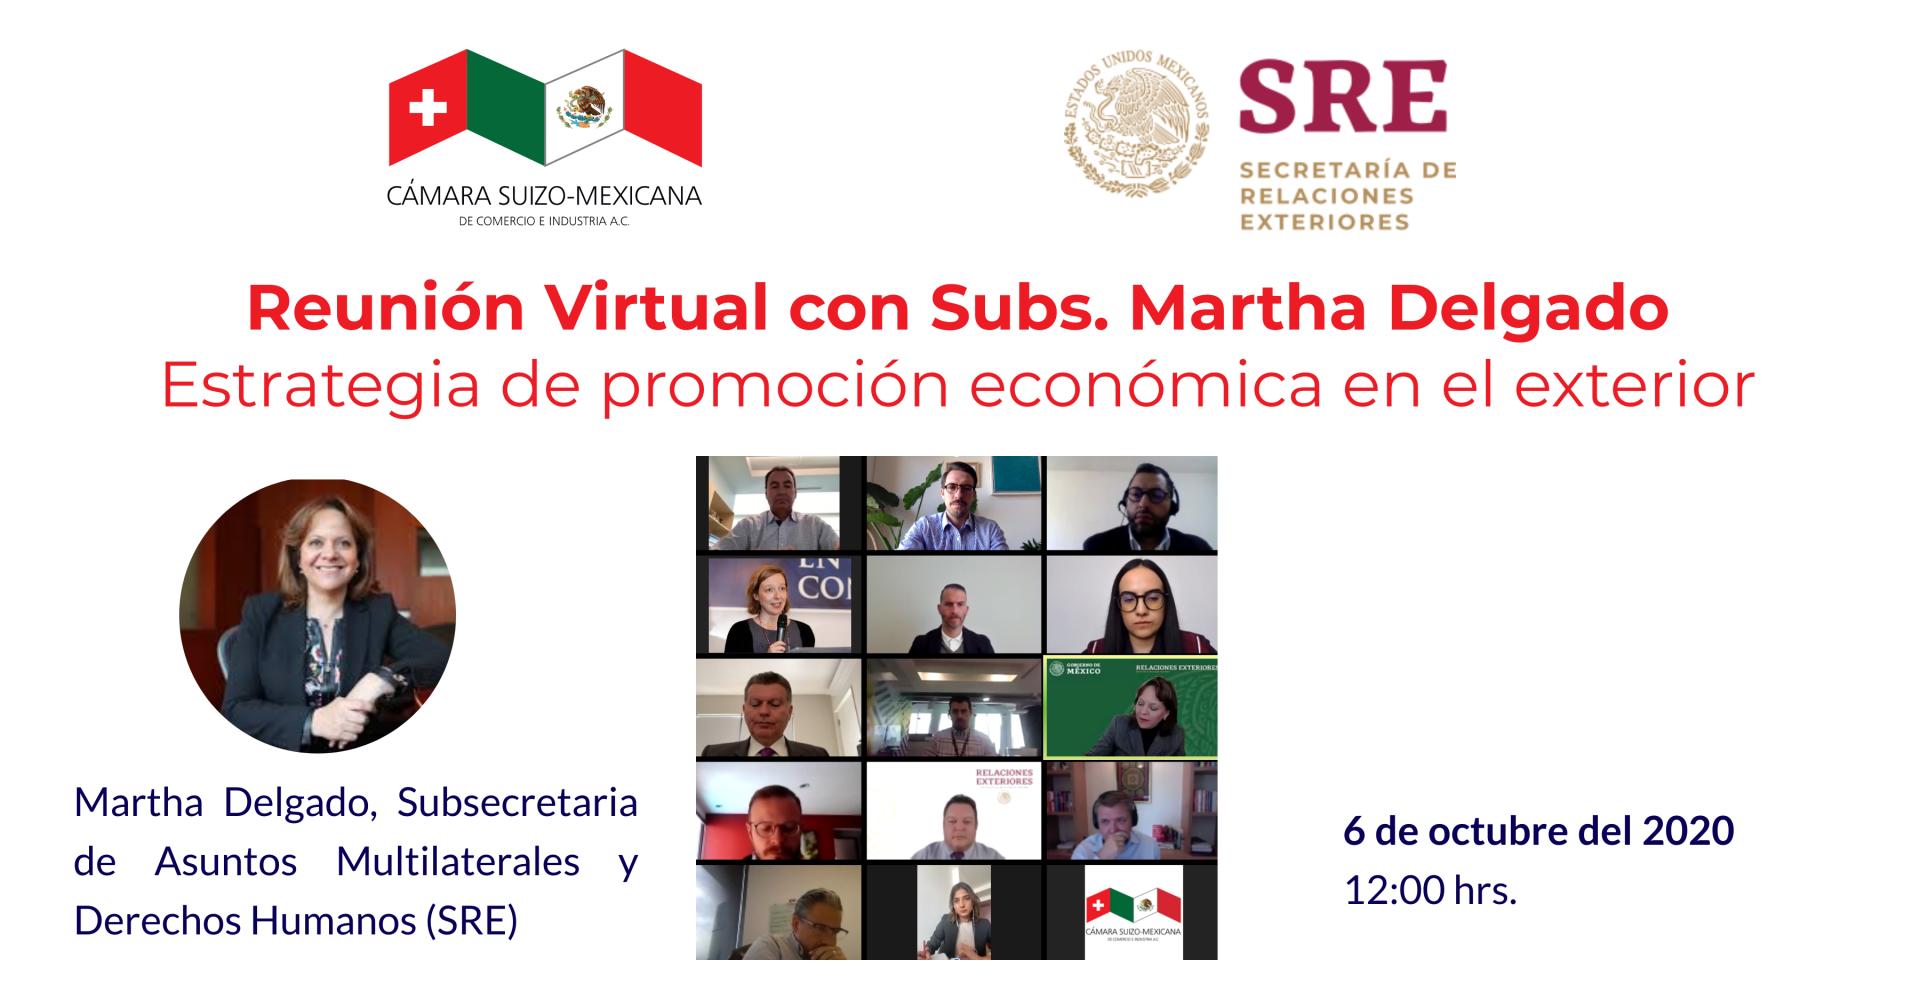 Reunión virtual con Subs. Martha Delgado (SRE)